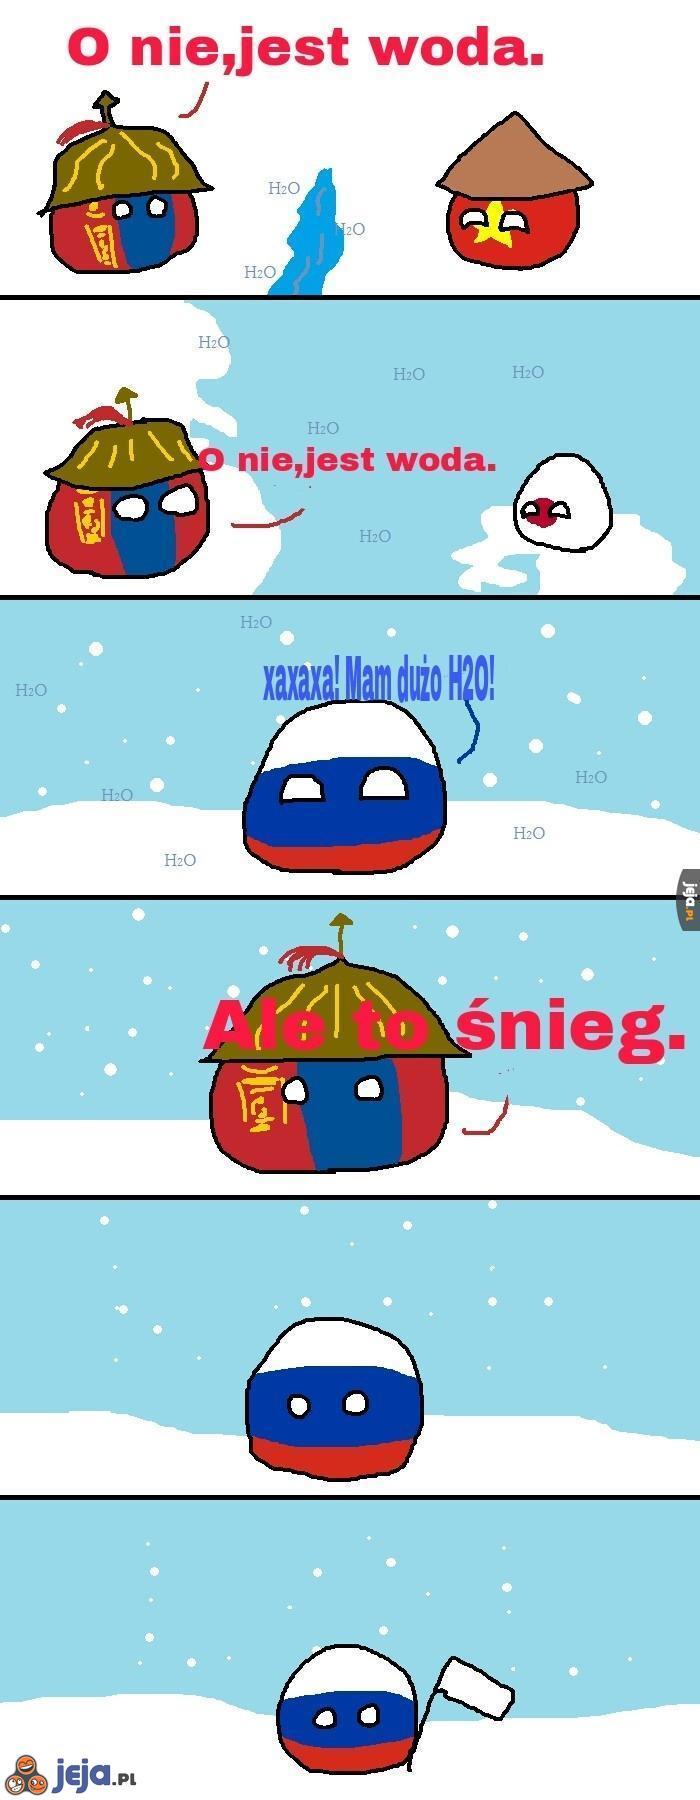 Mongolia i problem z wodą